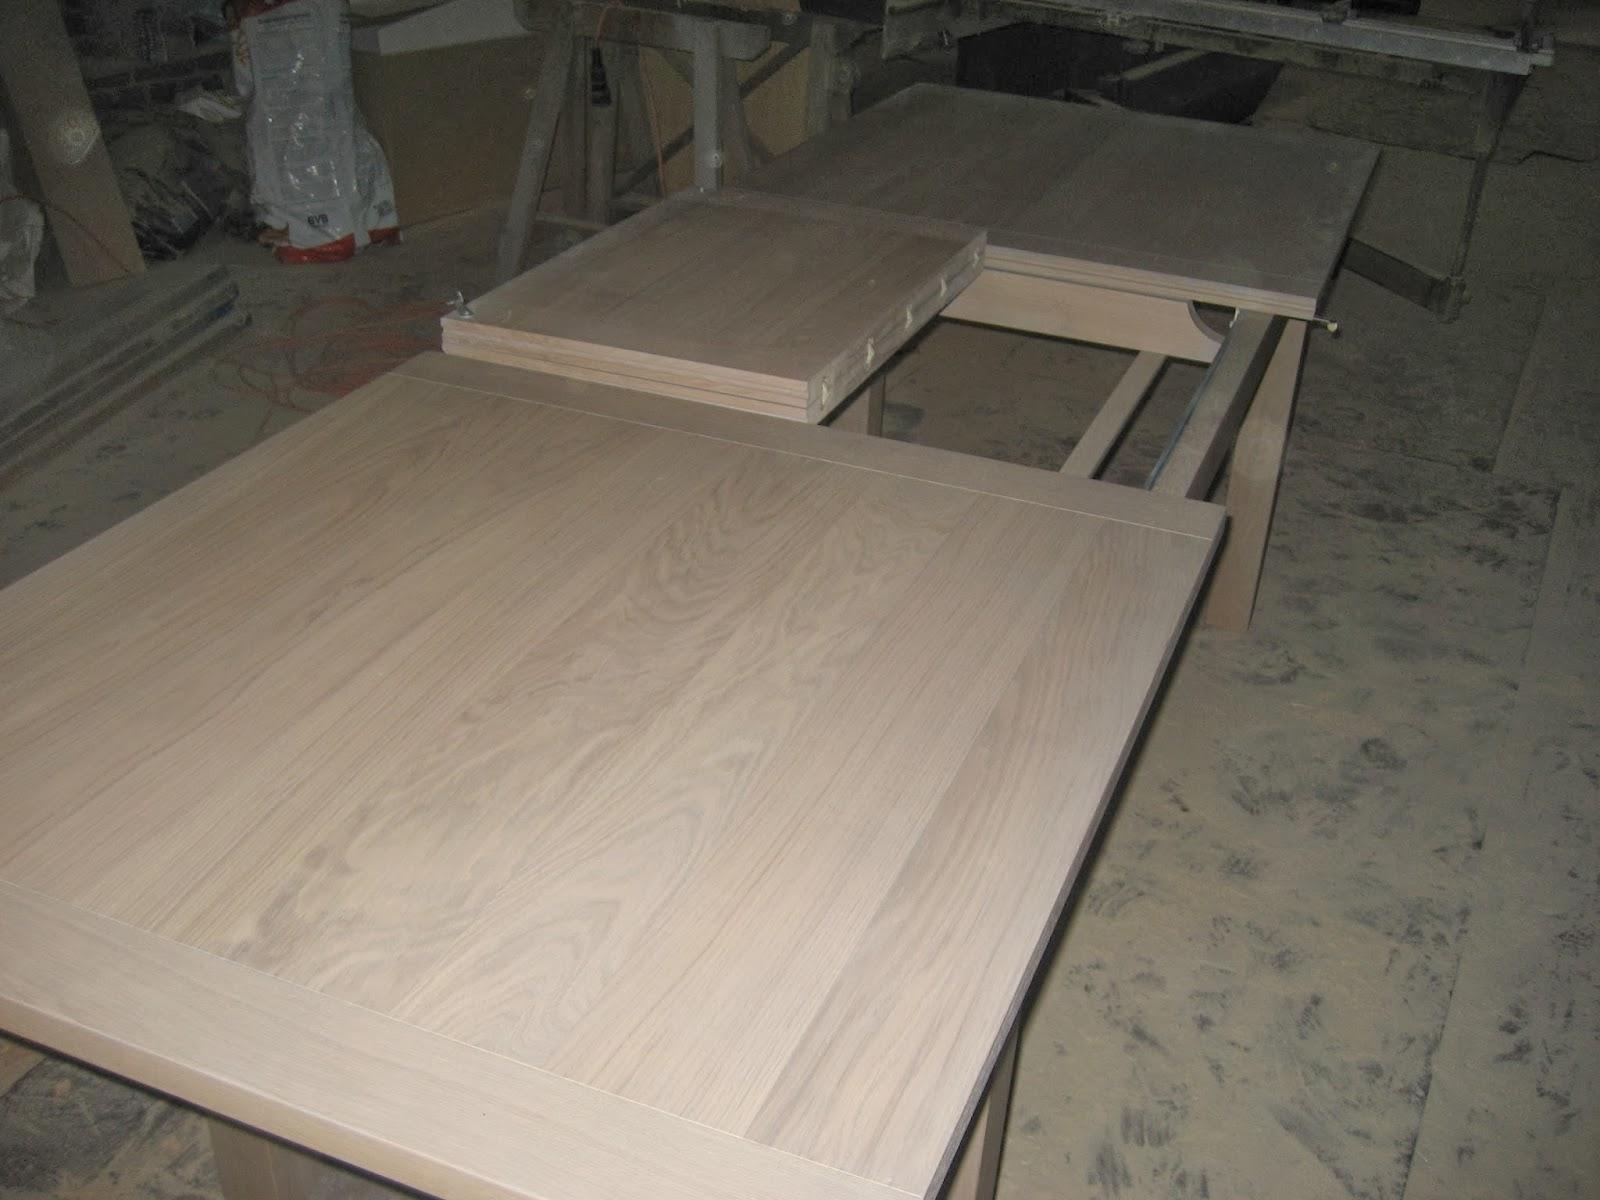 Tafel Steigerhout Uitschuifbaar.Ylzy Design Maatwerk In Hout Meubelen Op Maat